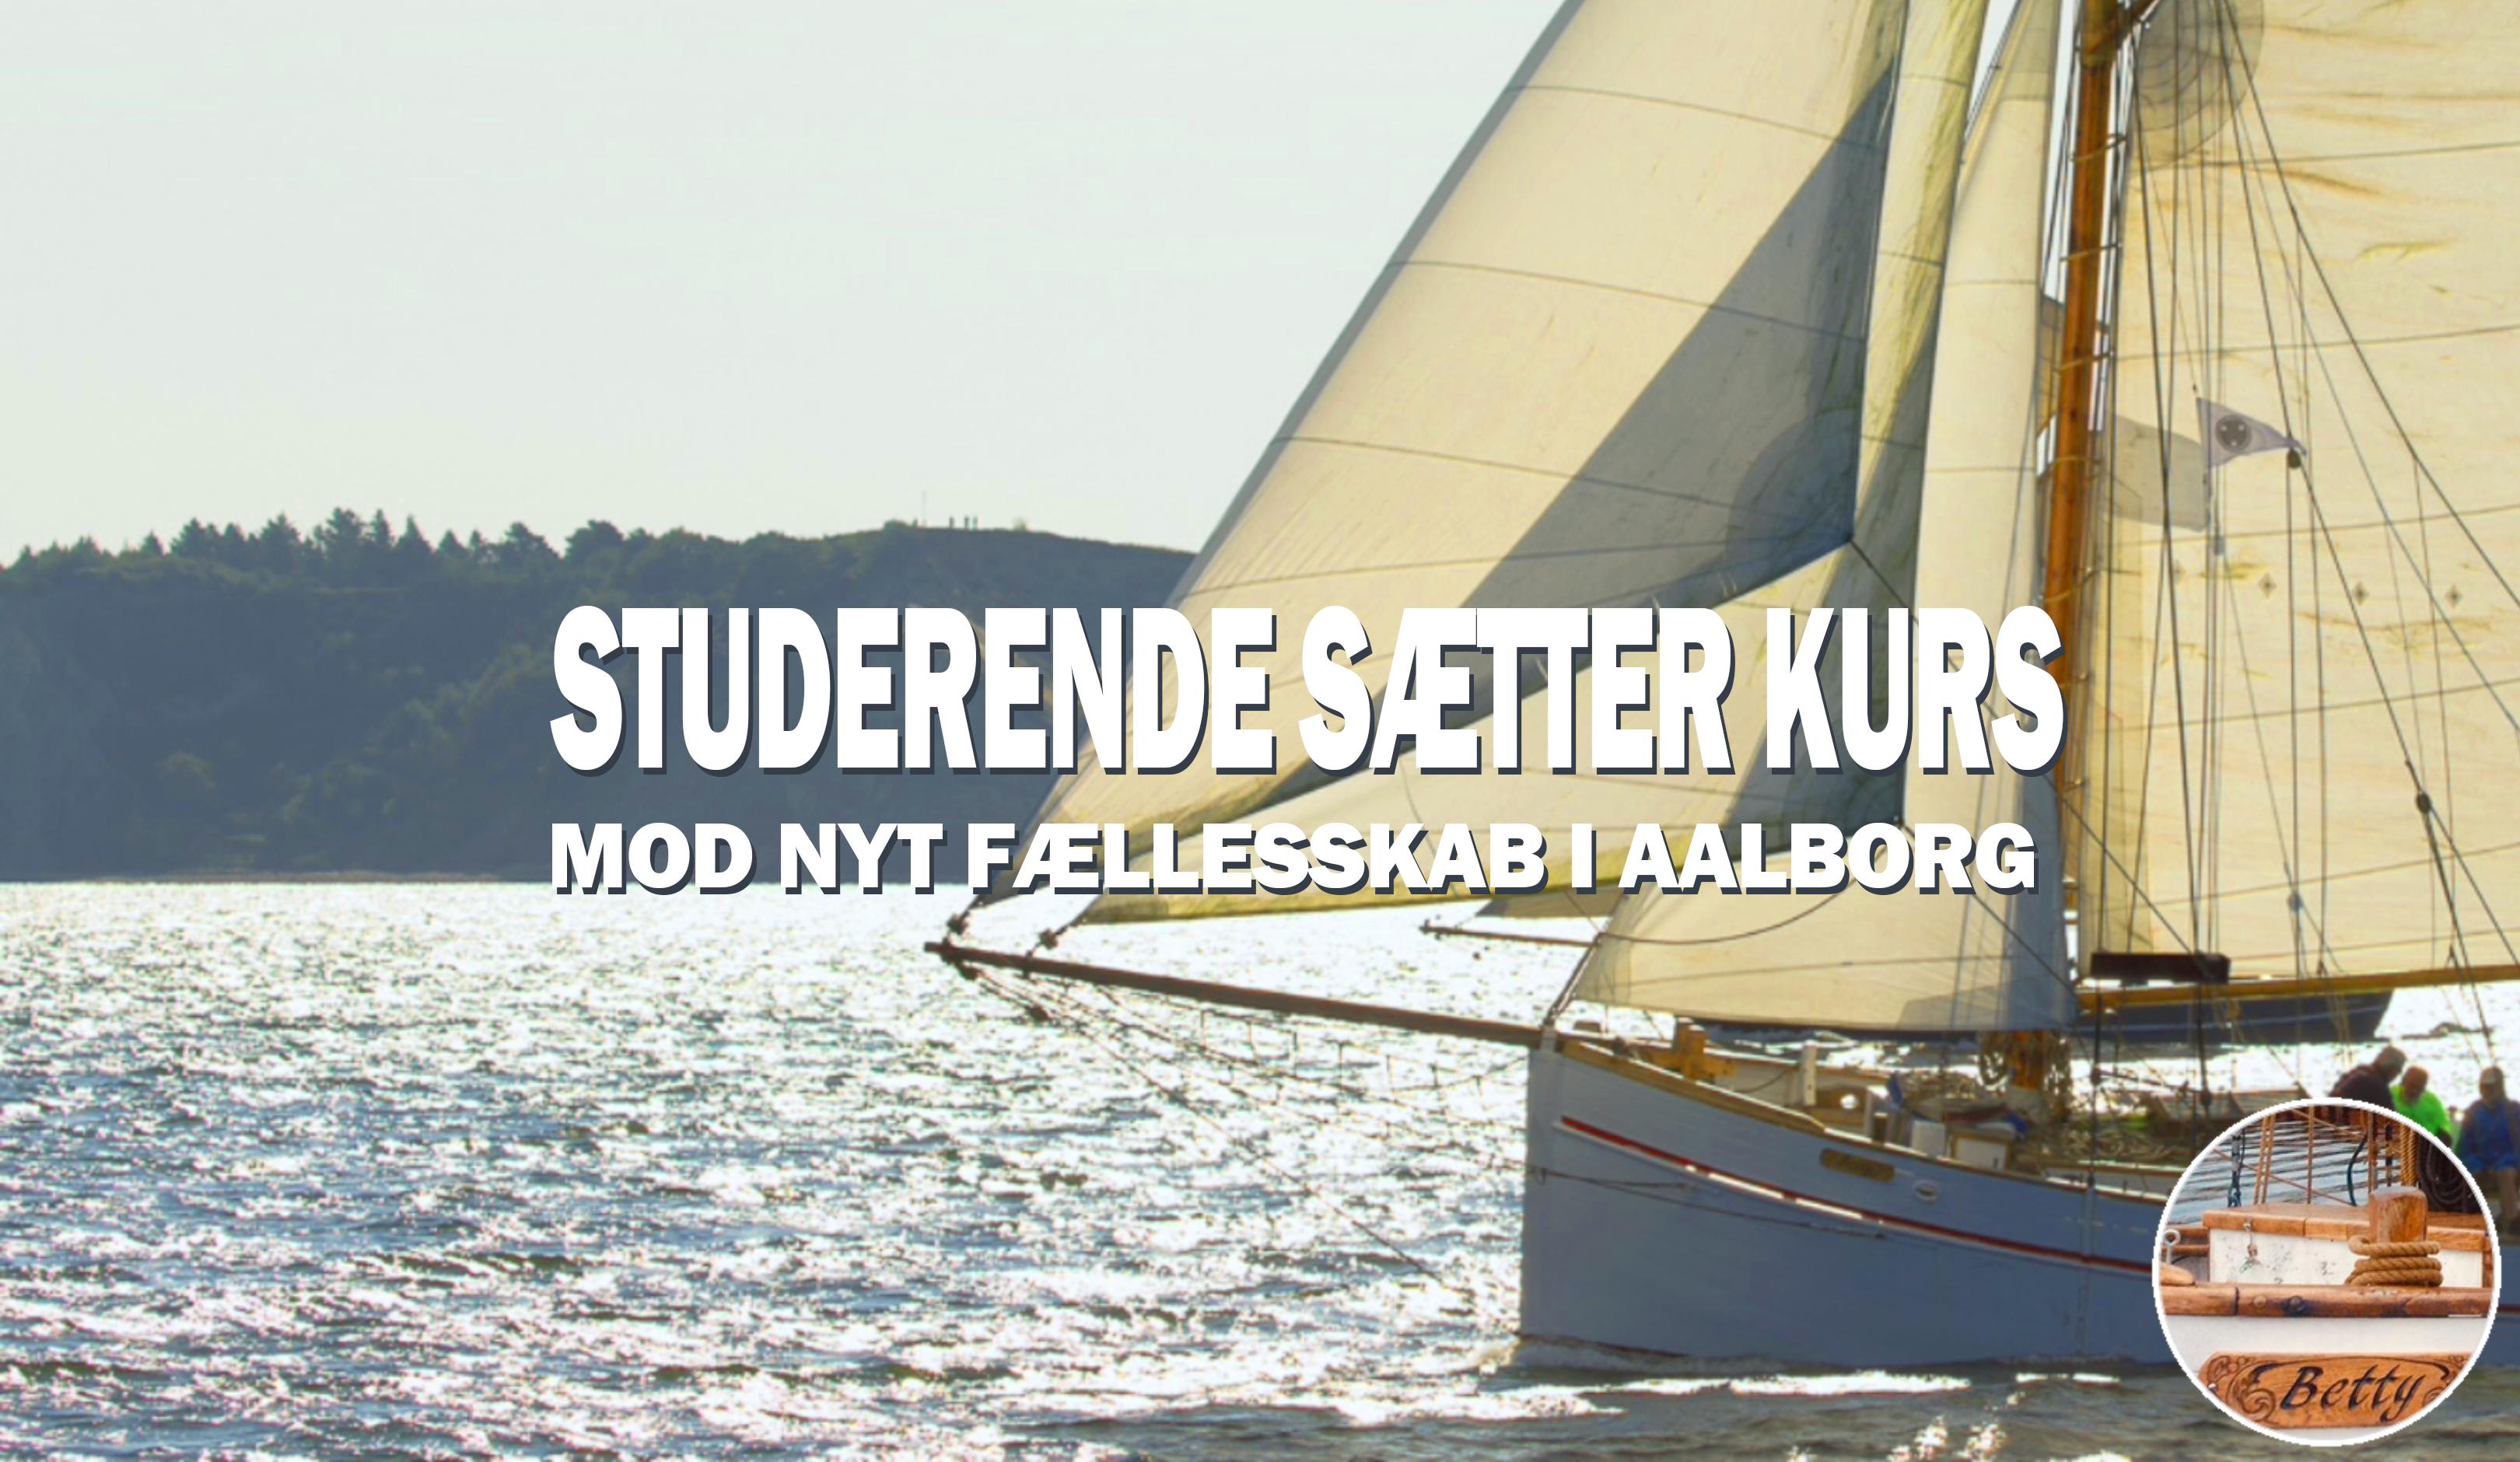 Studerende sætter kurs mod nyt fællesskab i Aalborg